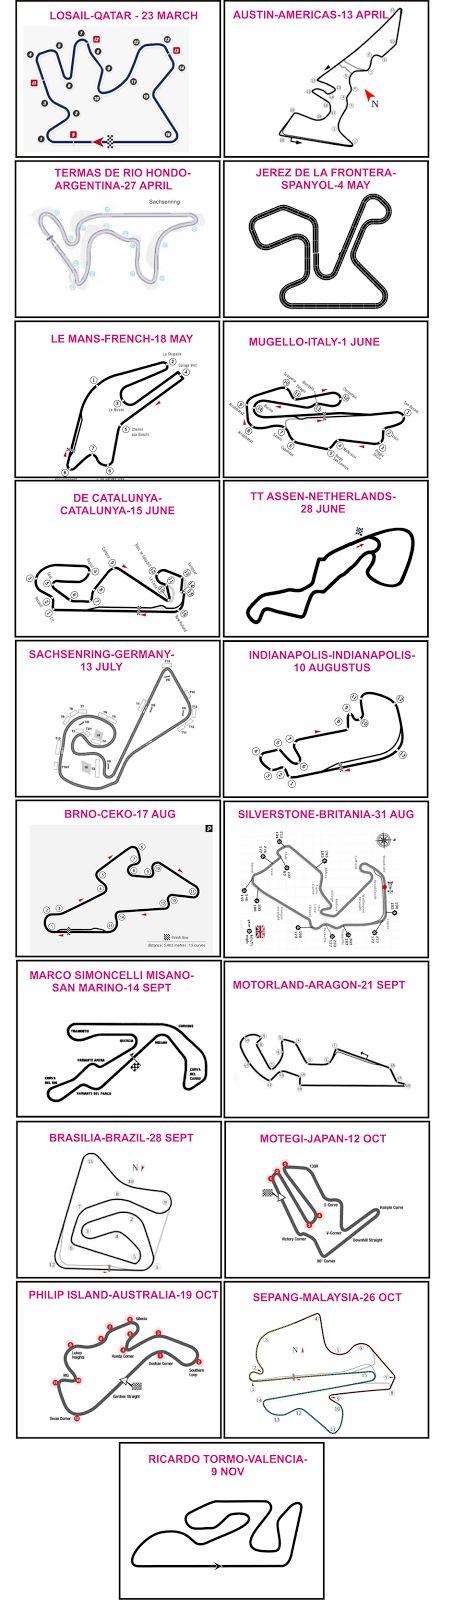 Cirkuit MotoGP 2014